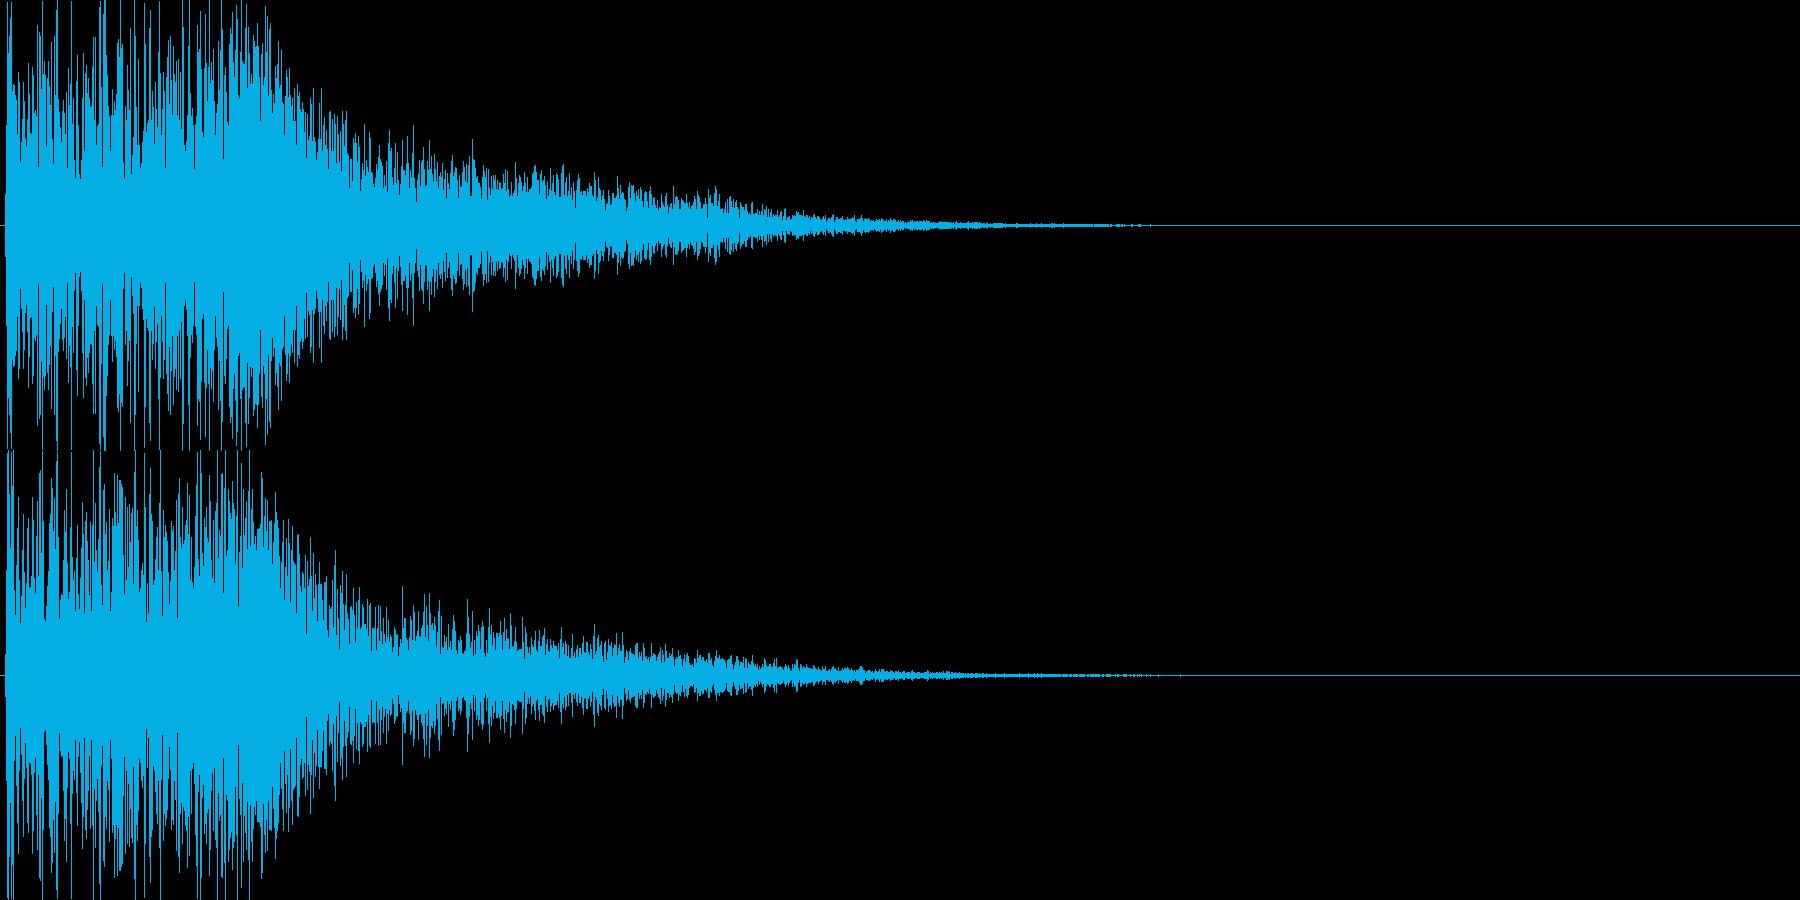 ジャラン(決定音、起動音、ゲームアプリ)の再生済みの波形